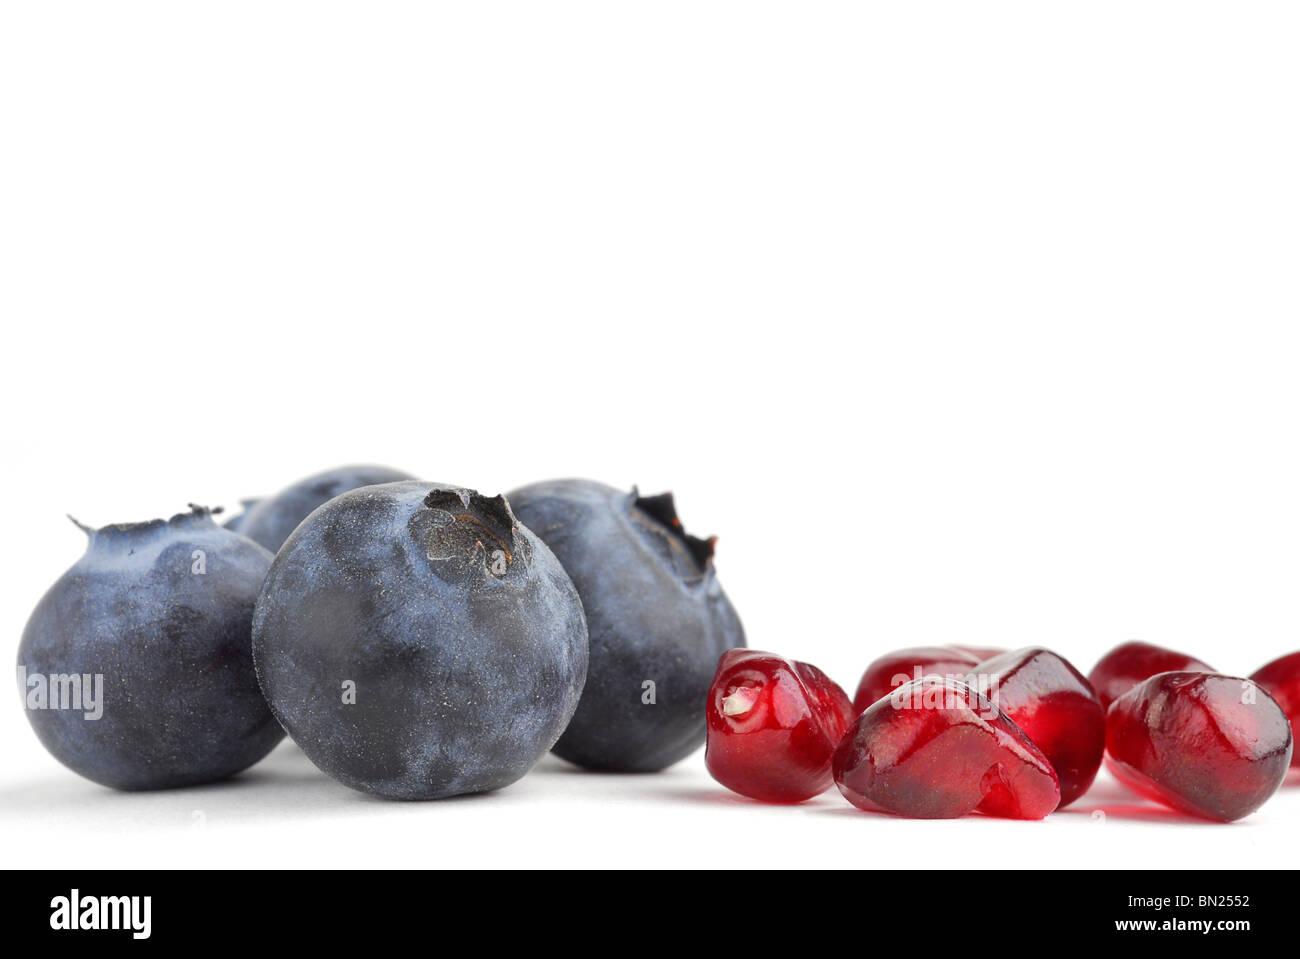 Pomegranate extremely close on white background - Stock Image